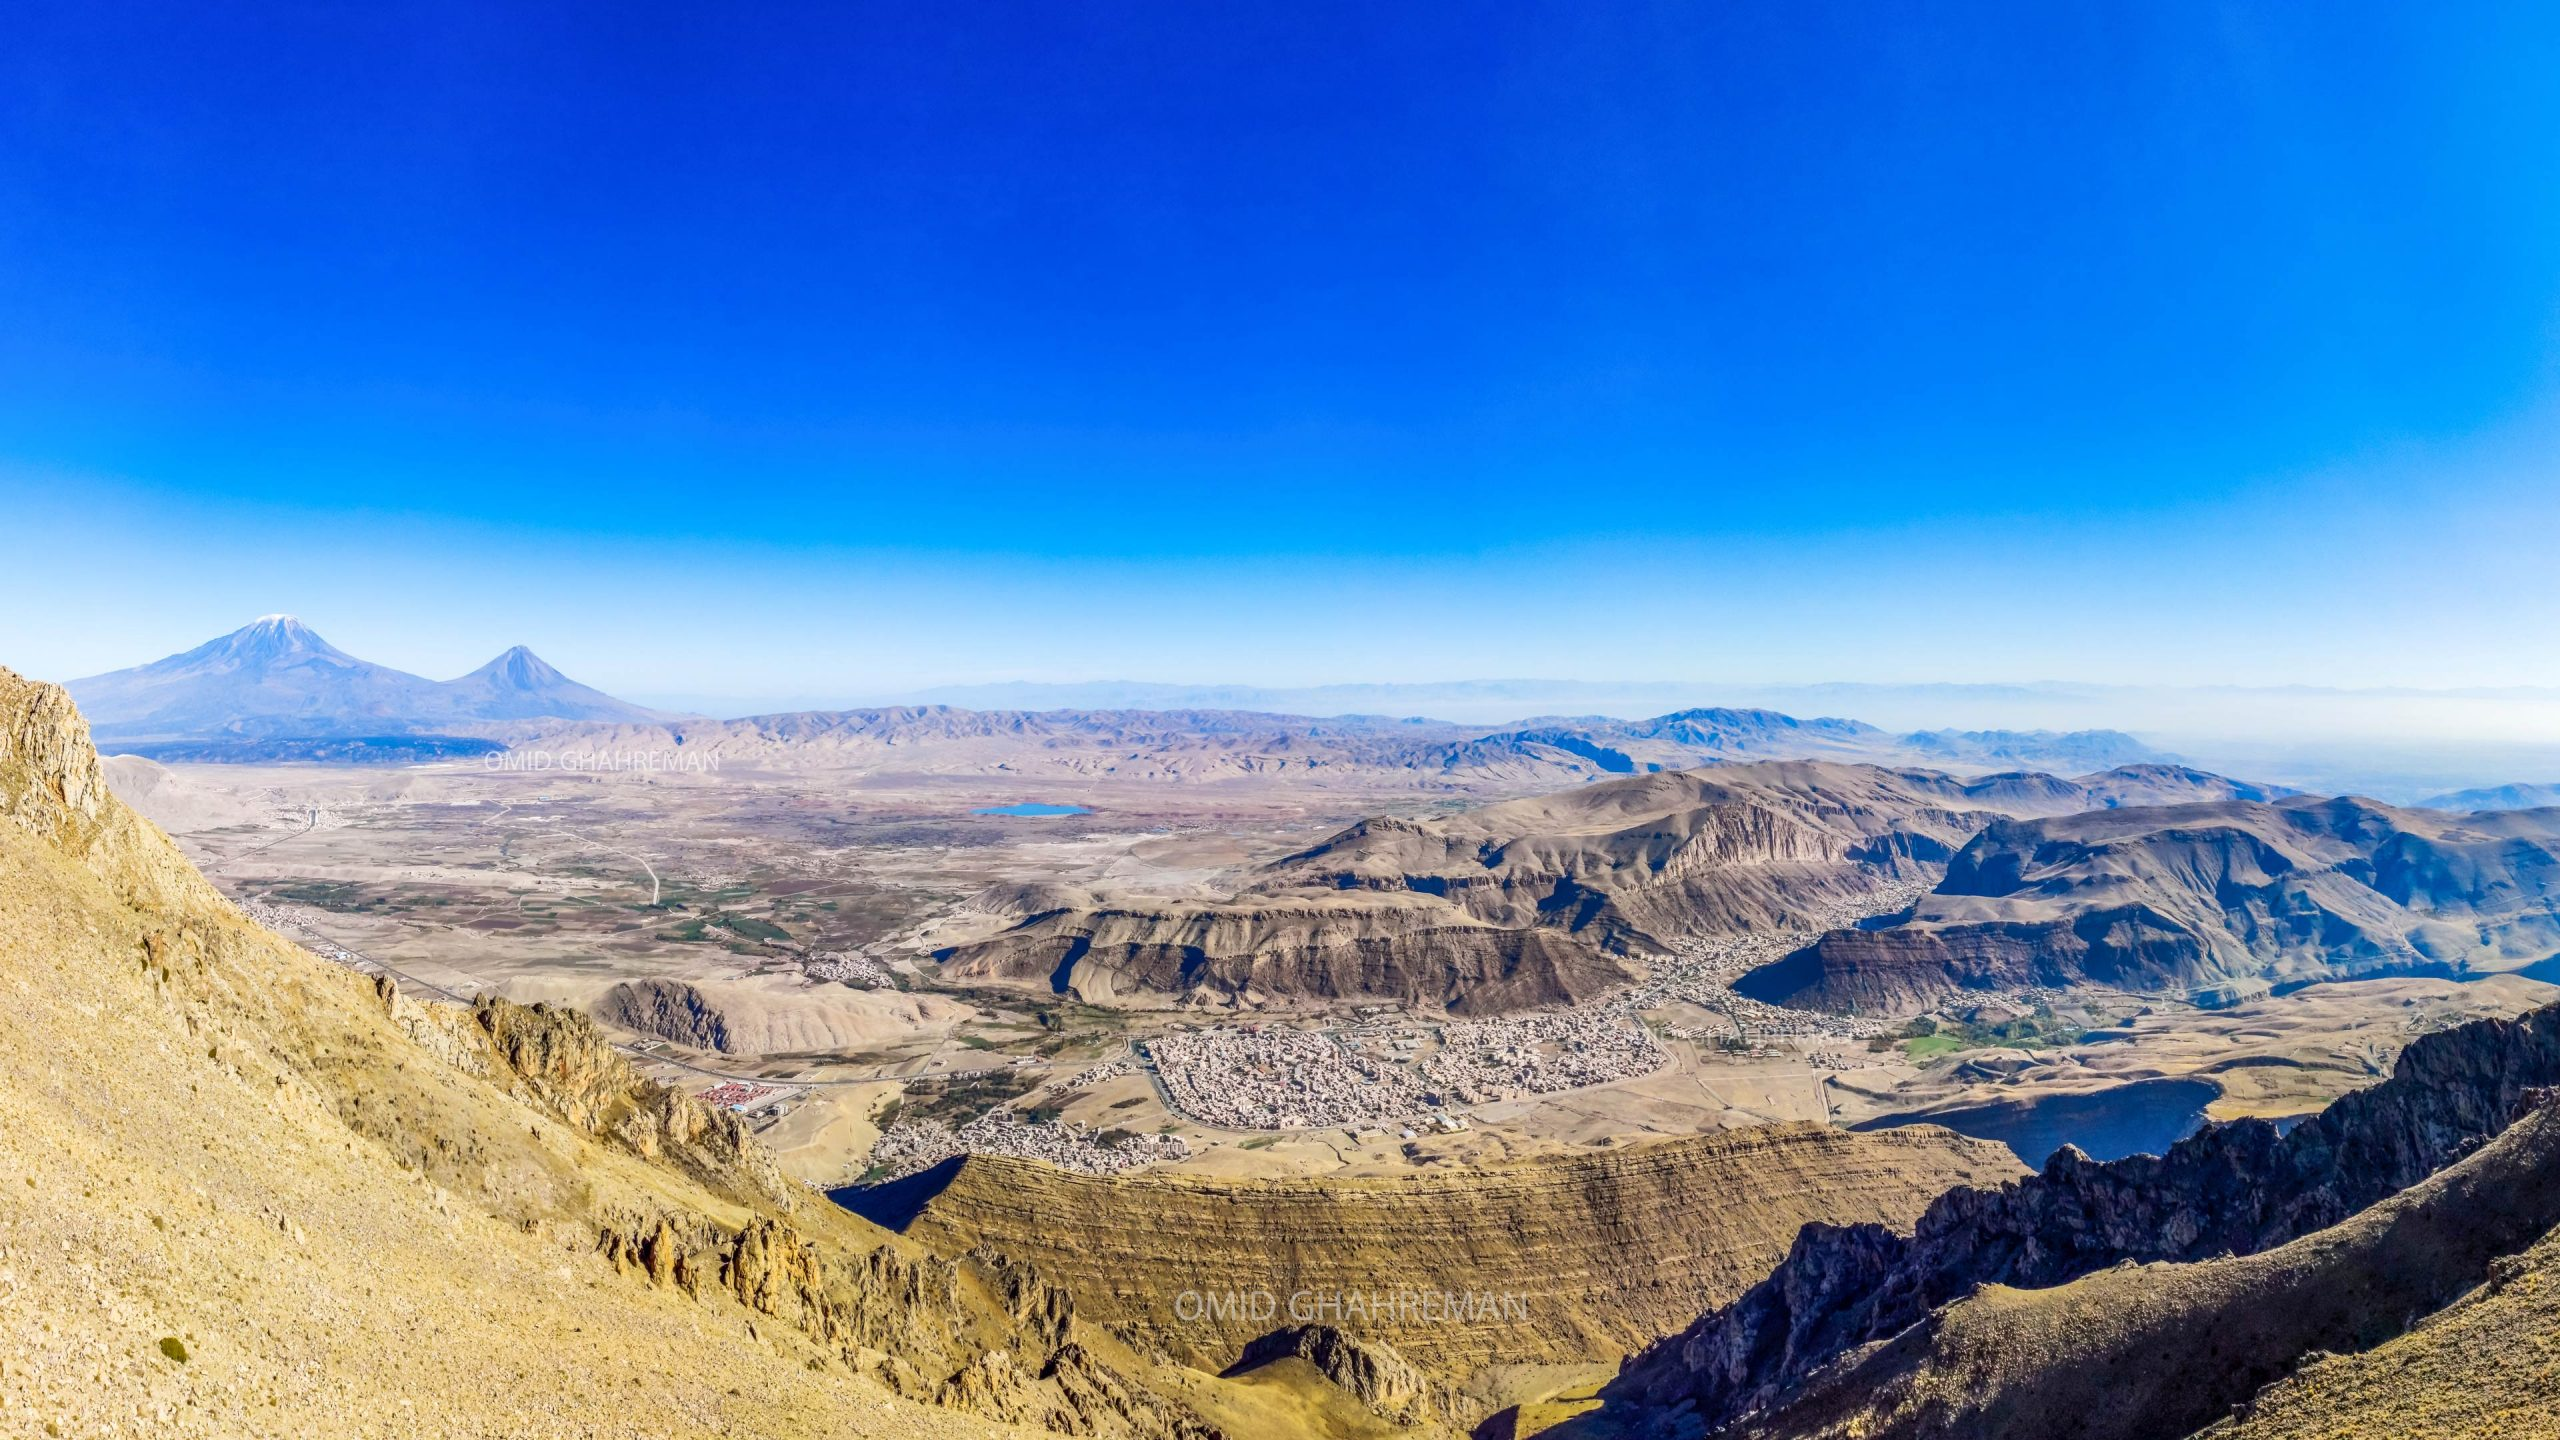 عکس پانوراما از شهر ماکو از ارتفاعات و نمایی از کوه آغری Maku and Ararat